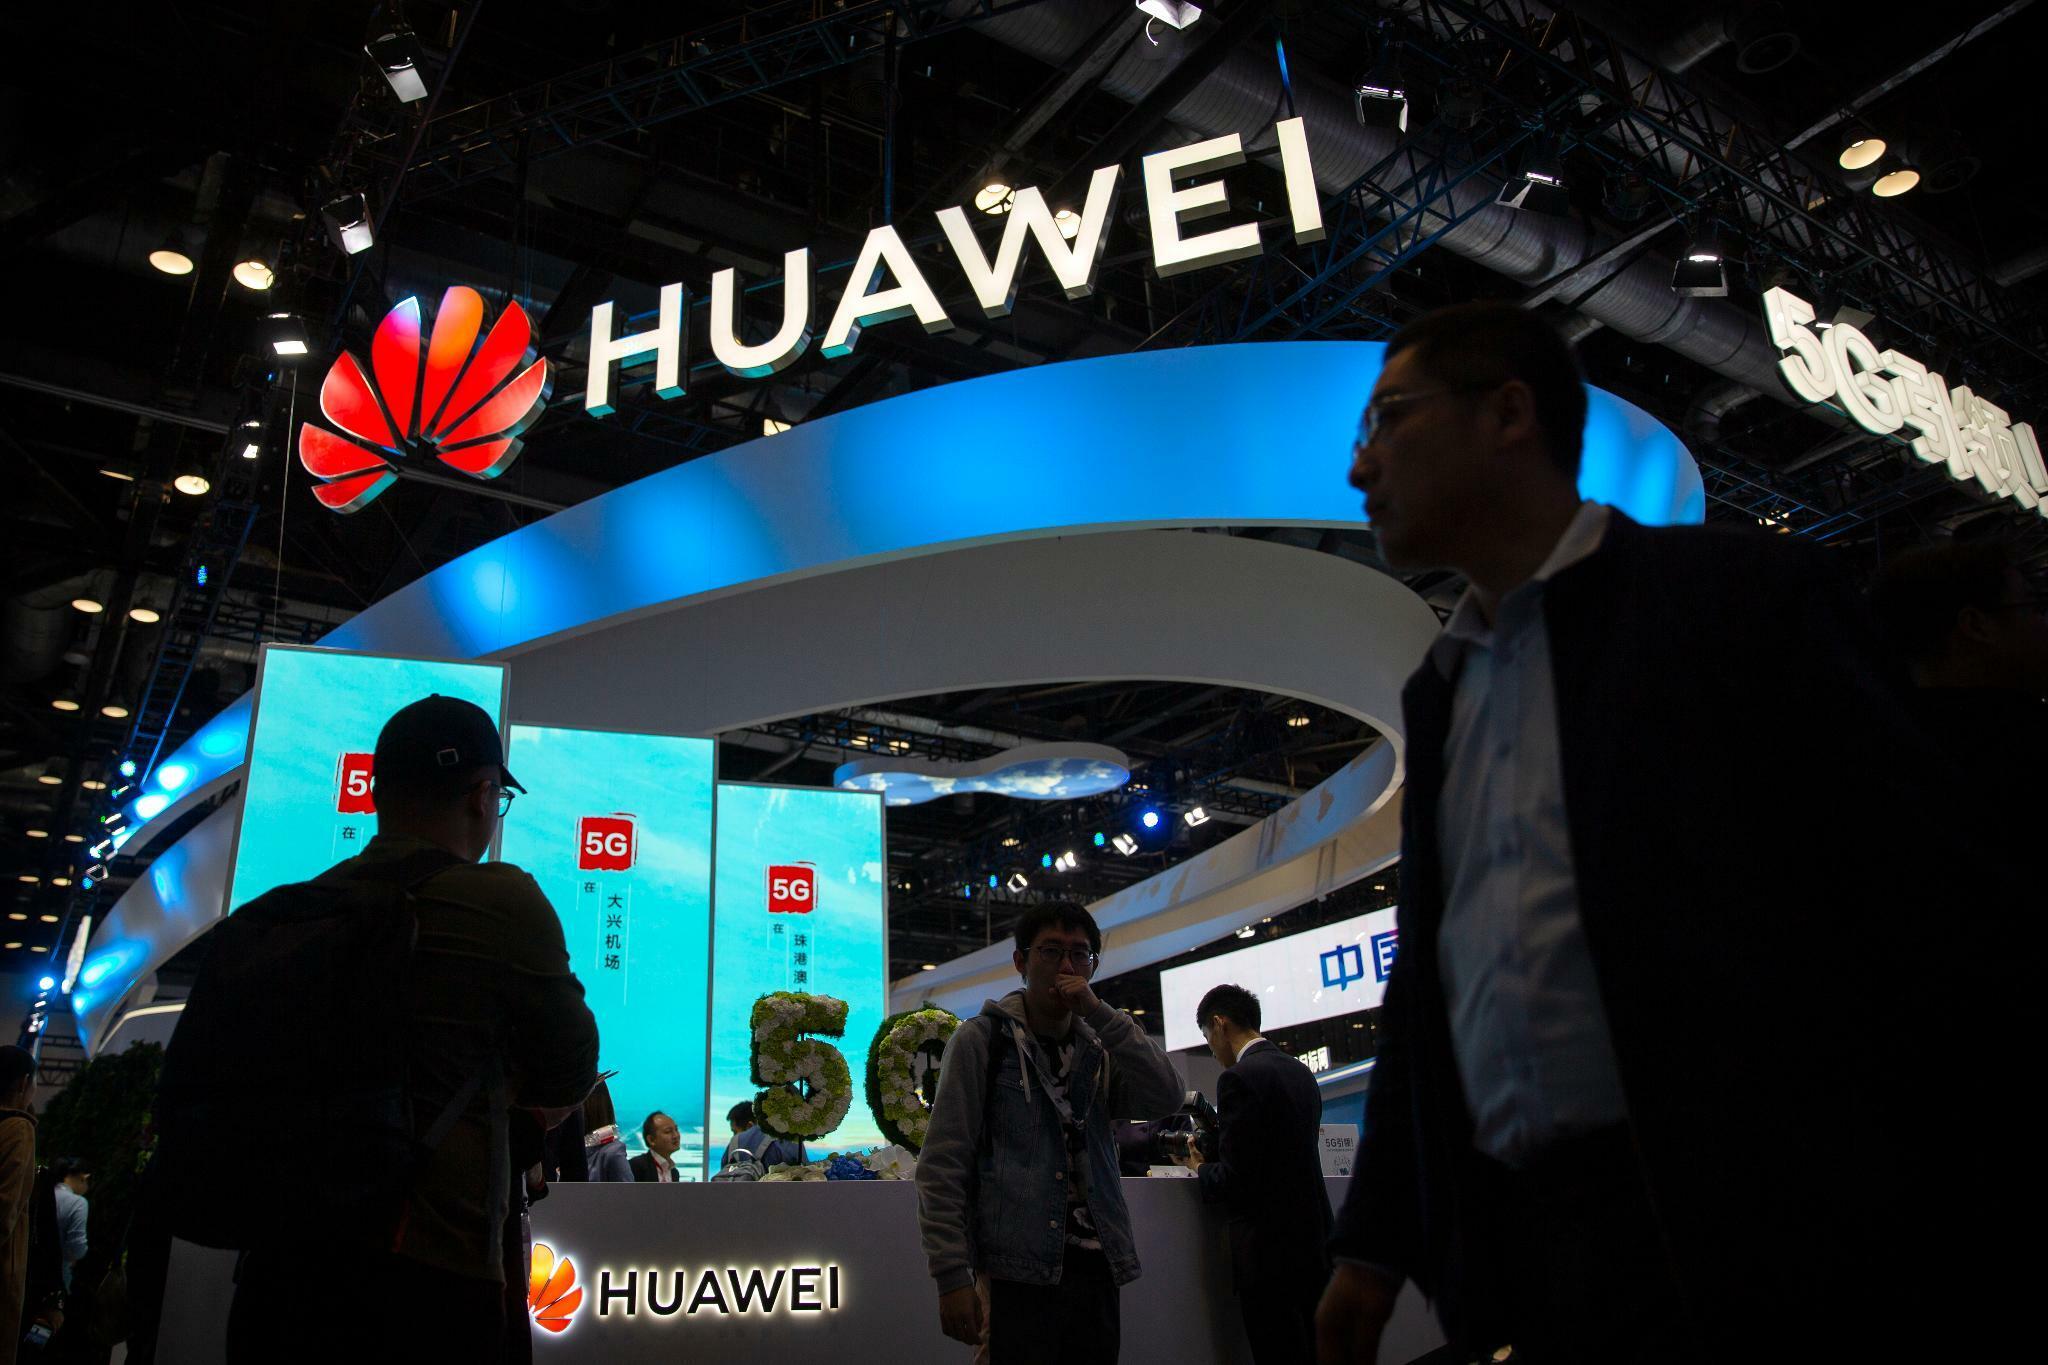 Industrie rückt von Huawei ab